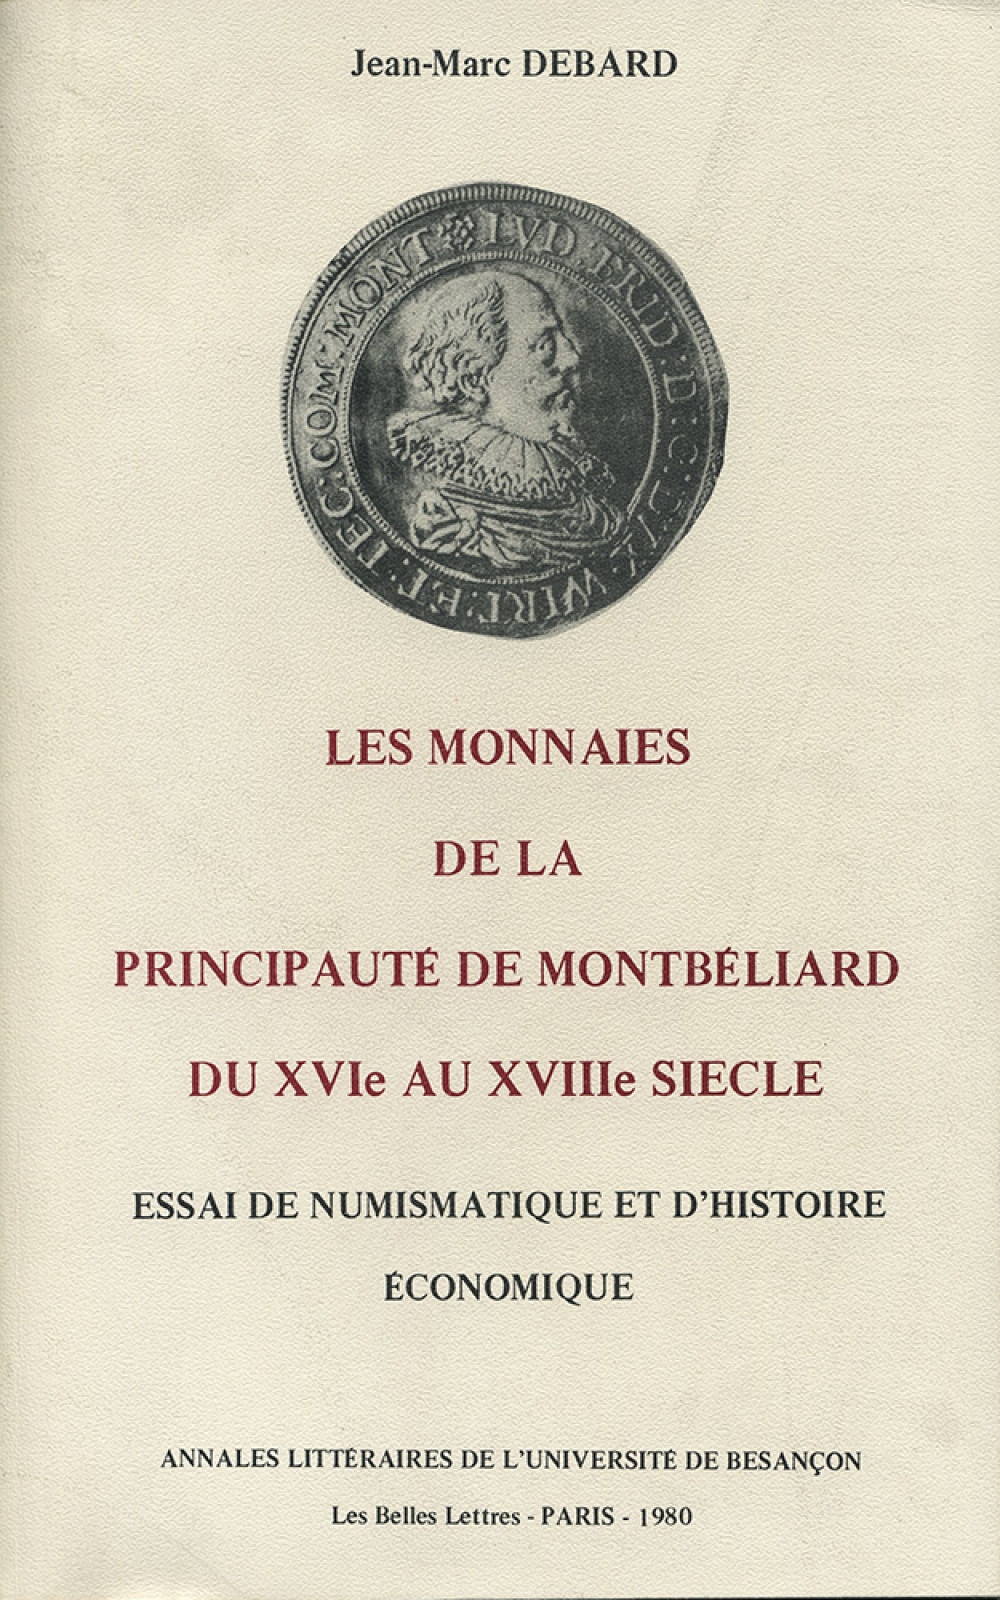 """Les monnaies de la principauté de Montbéliard du <span style=""""font-variant: small-caps"""">xvi</span><sup>e</sup> au <span style=""""font-variant: small-caps"""">XVIII</span><sup>e</sup> siècle"""